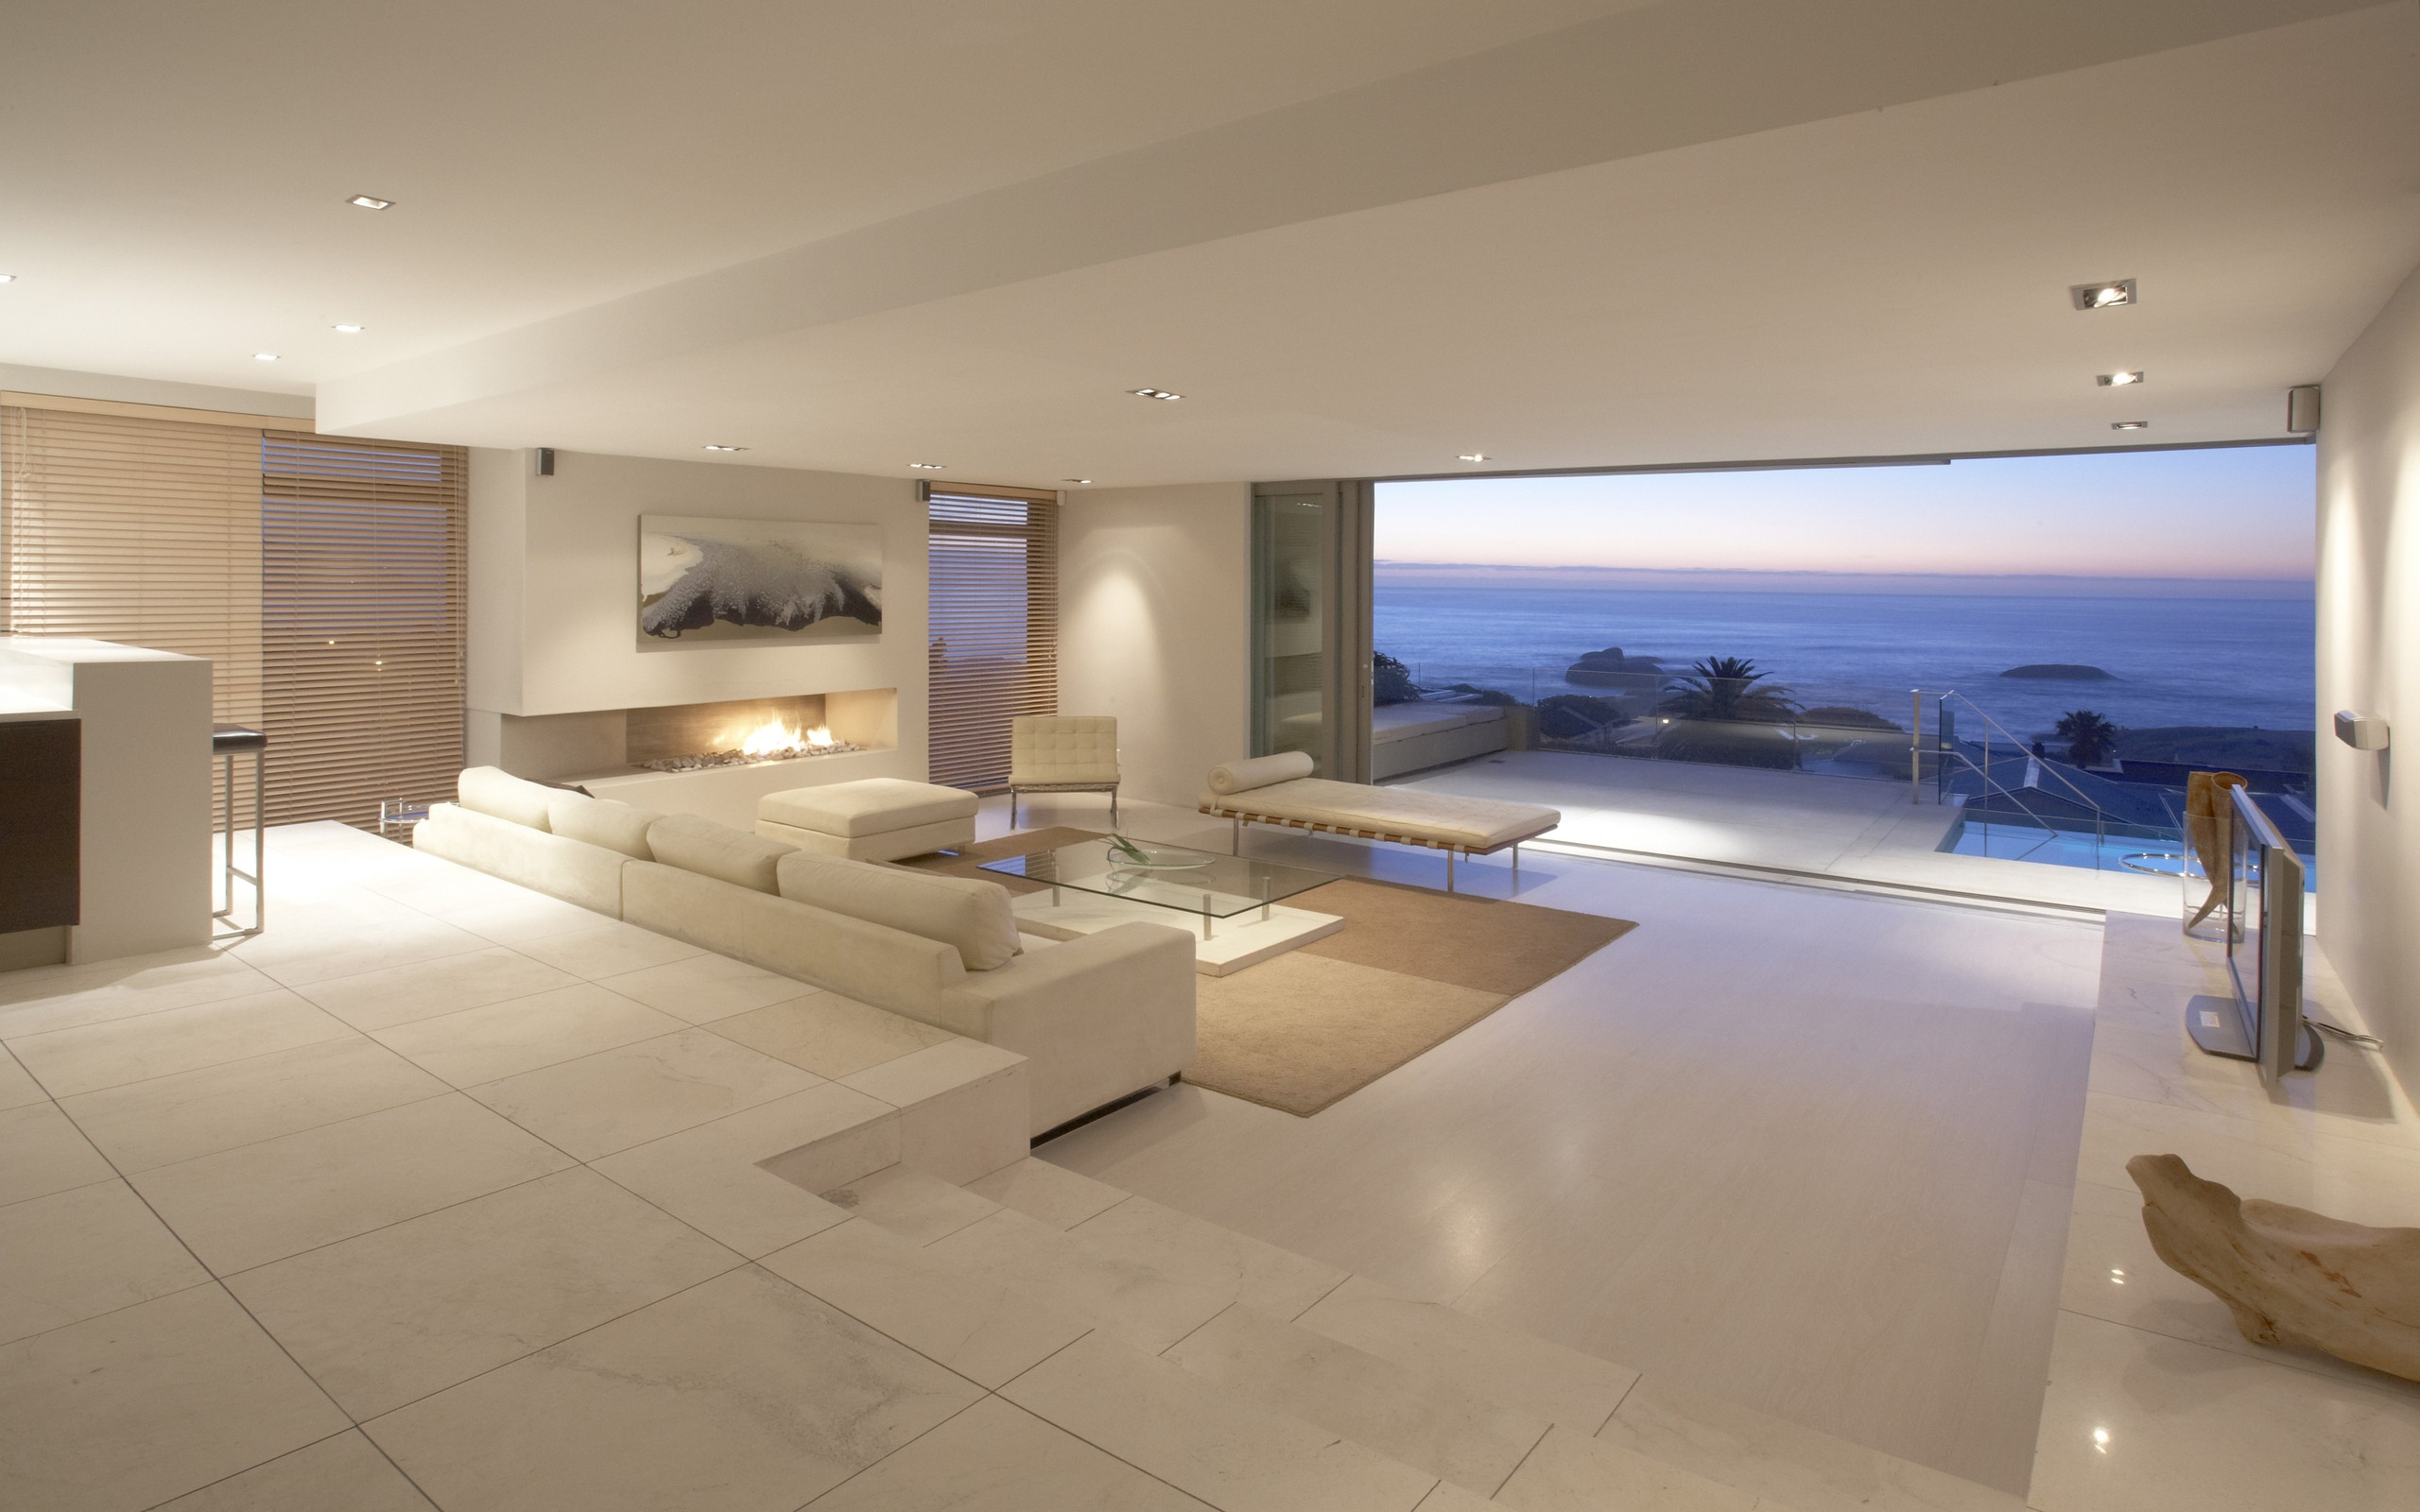 Muebles Dise O Murcia Idea Creativa Della Casa E Dell Interior  # Muebles Seda Murcia